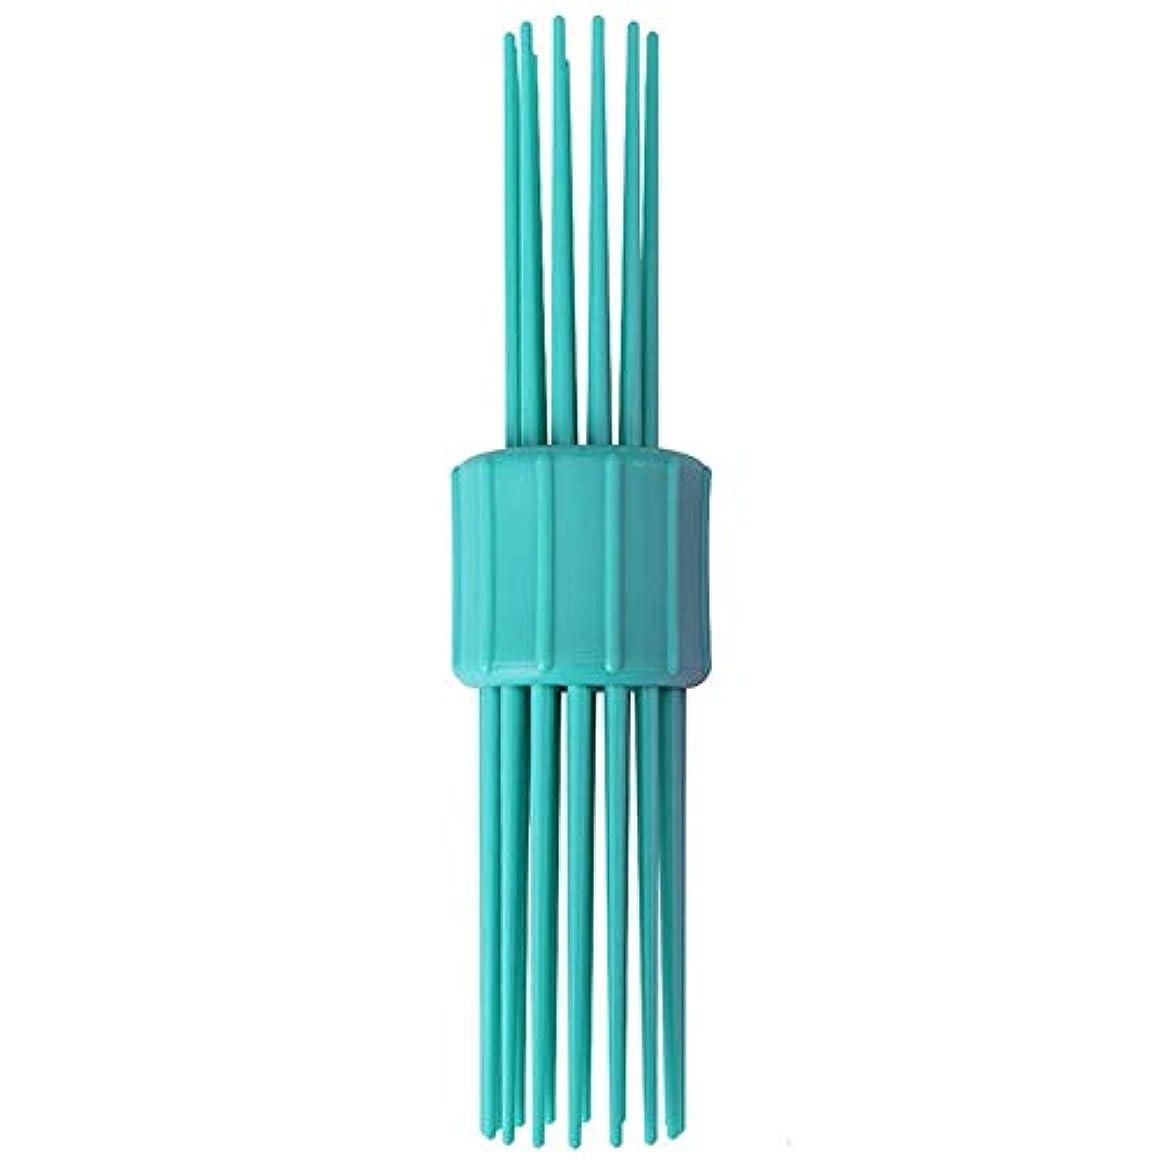 ヨーグルトバルブフォーラムポータブルリールヘアスタイリングヘアスタイリング波マジックペン多彩な毛の櫛毛の1つのDIYアクセサリーメーカー長く、中、短い髪(青)ツール